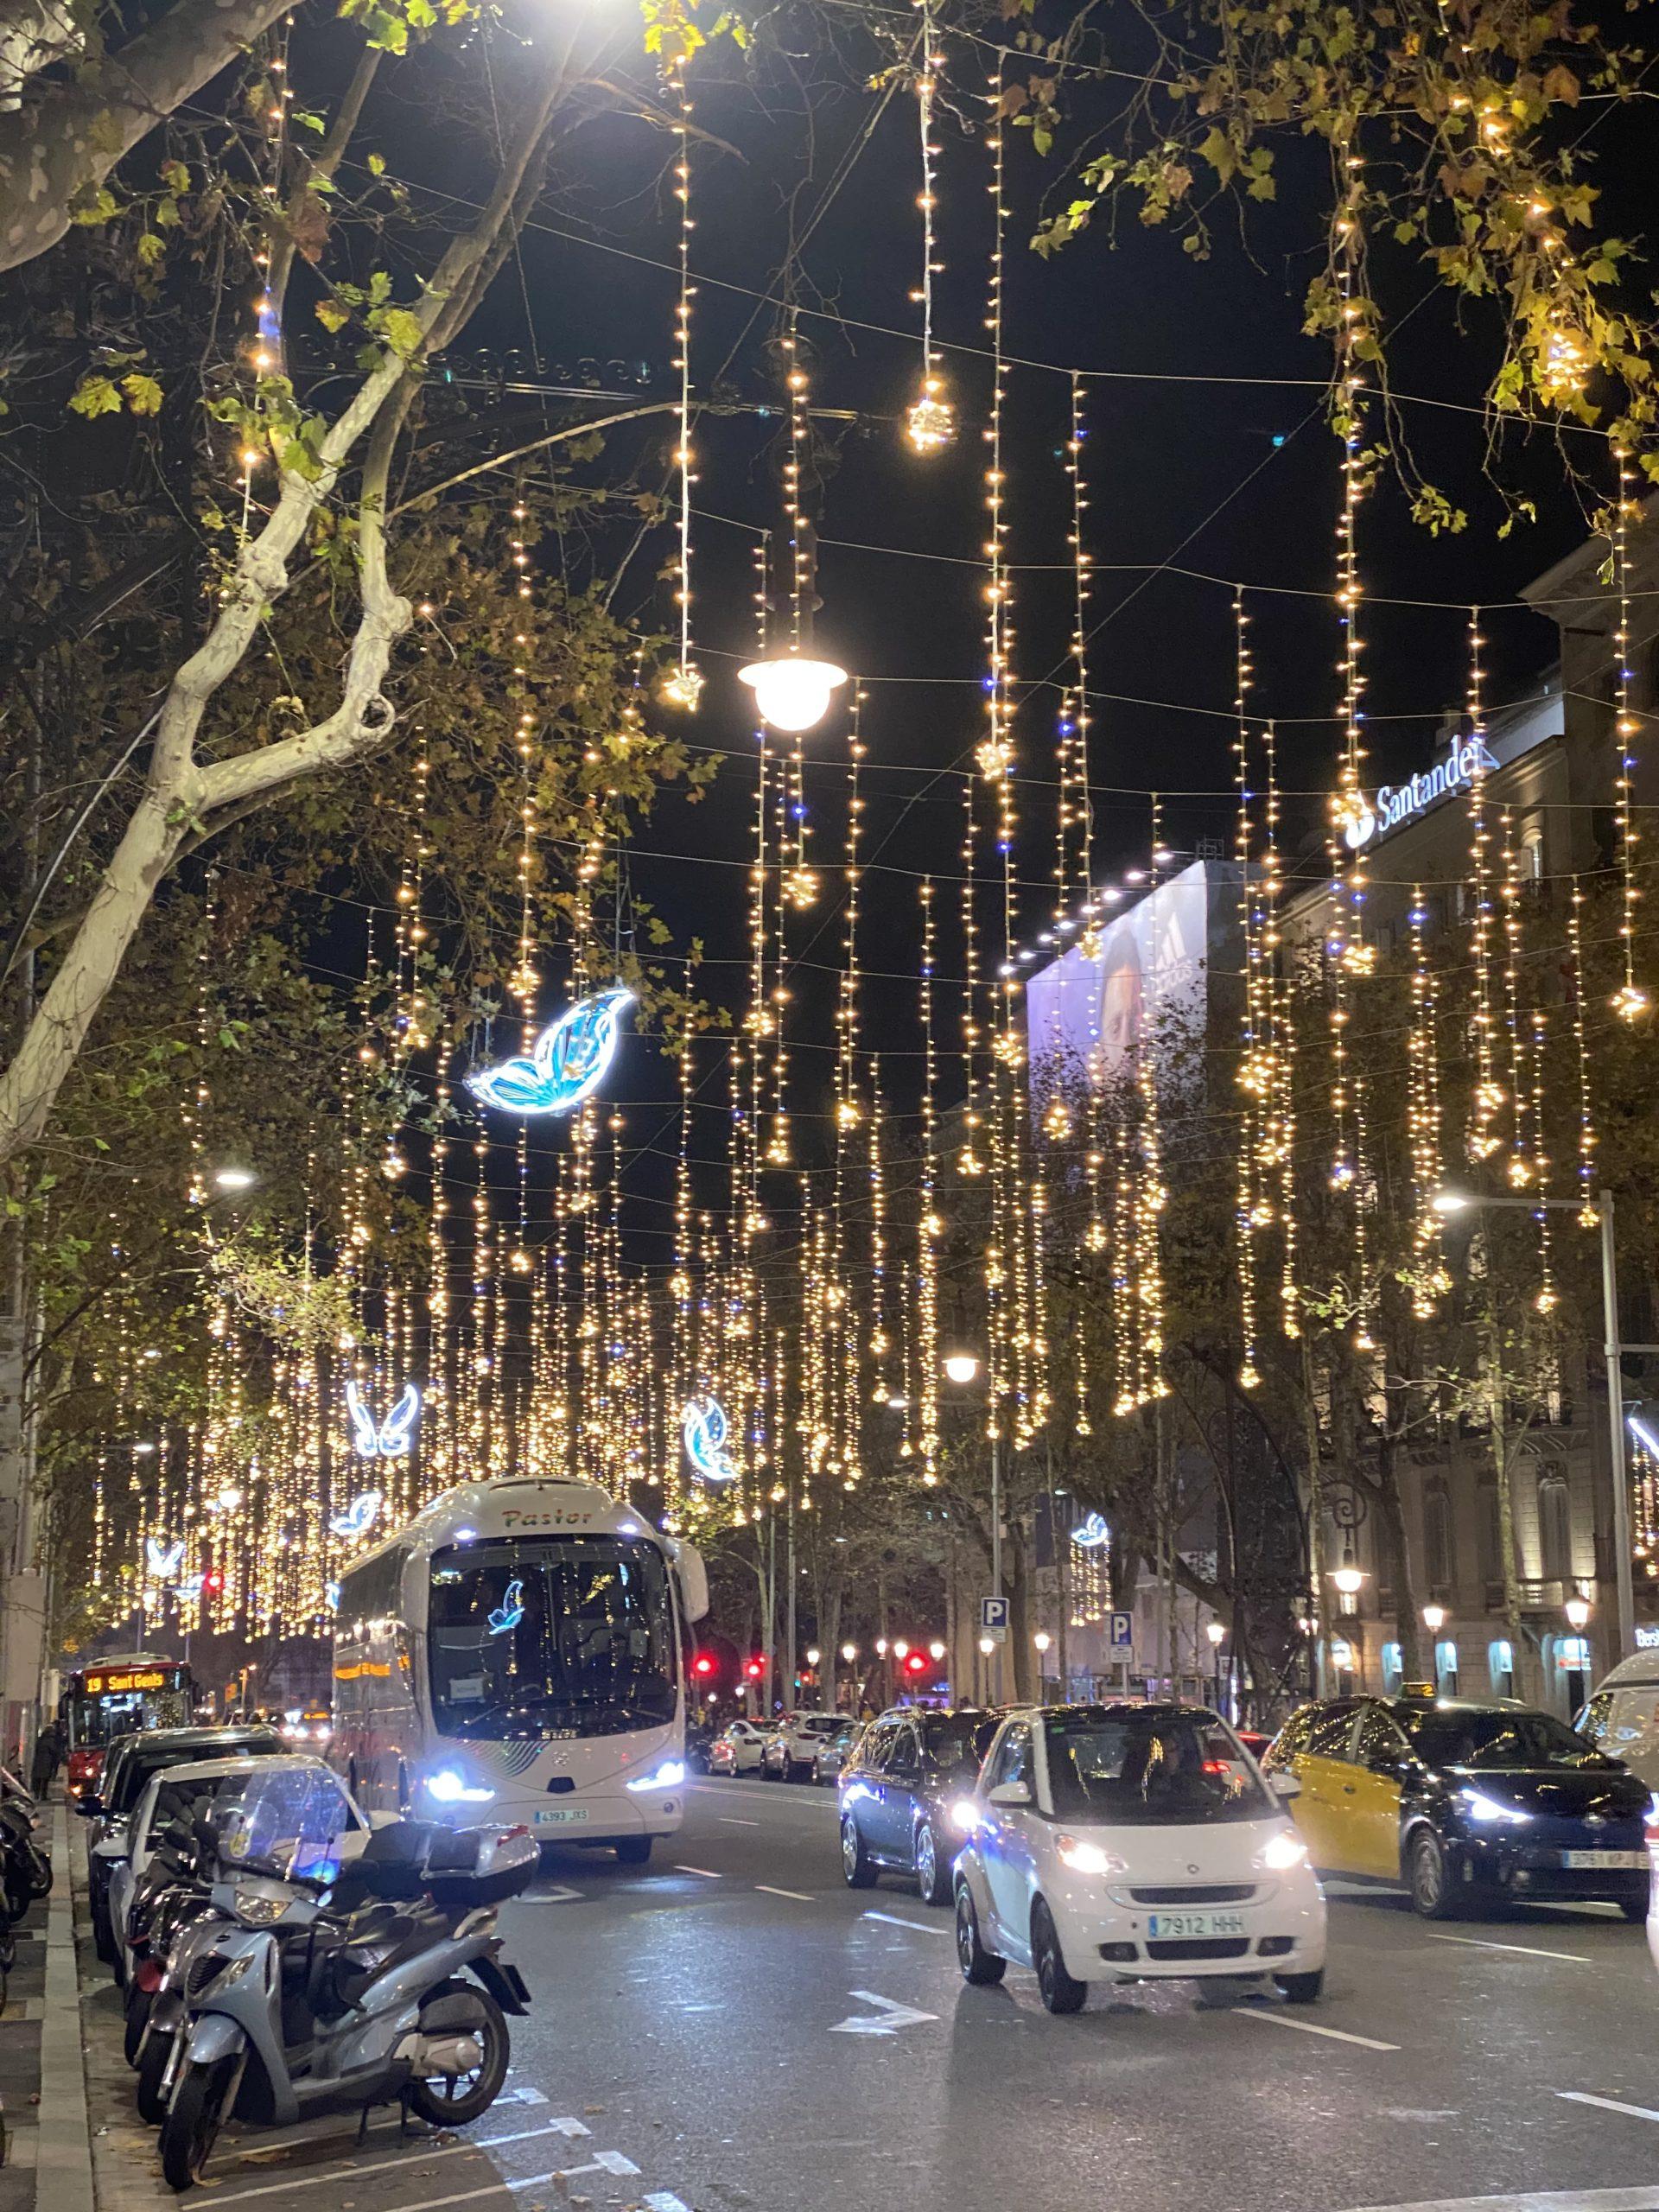 バルセロナのイルミネーション